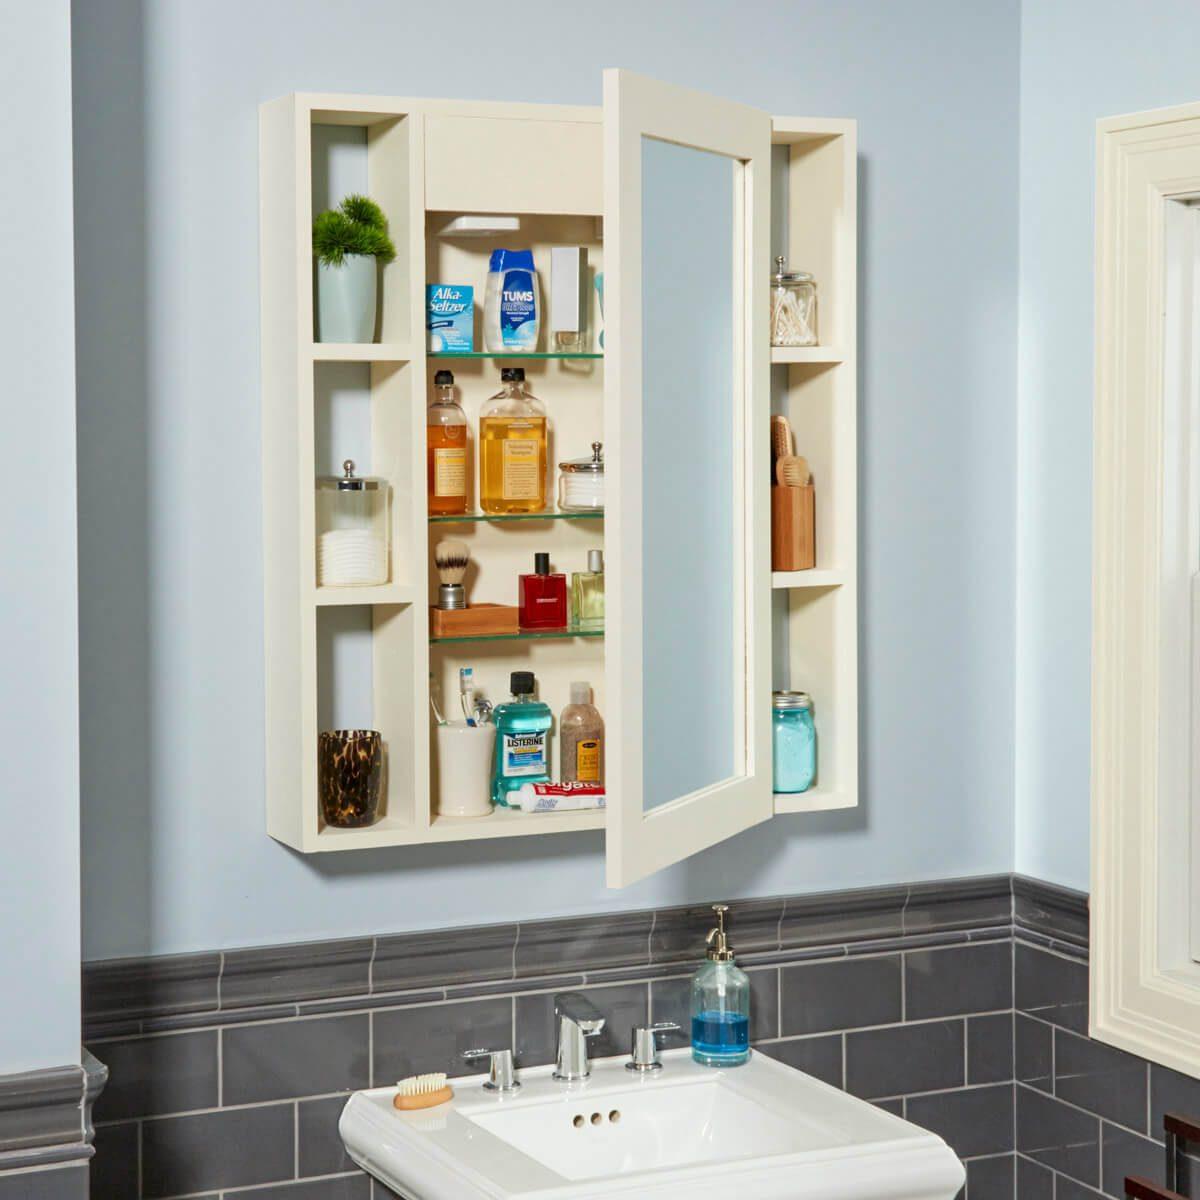 FH17ONO_582_00_011 medicine cabinet hidden compartment